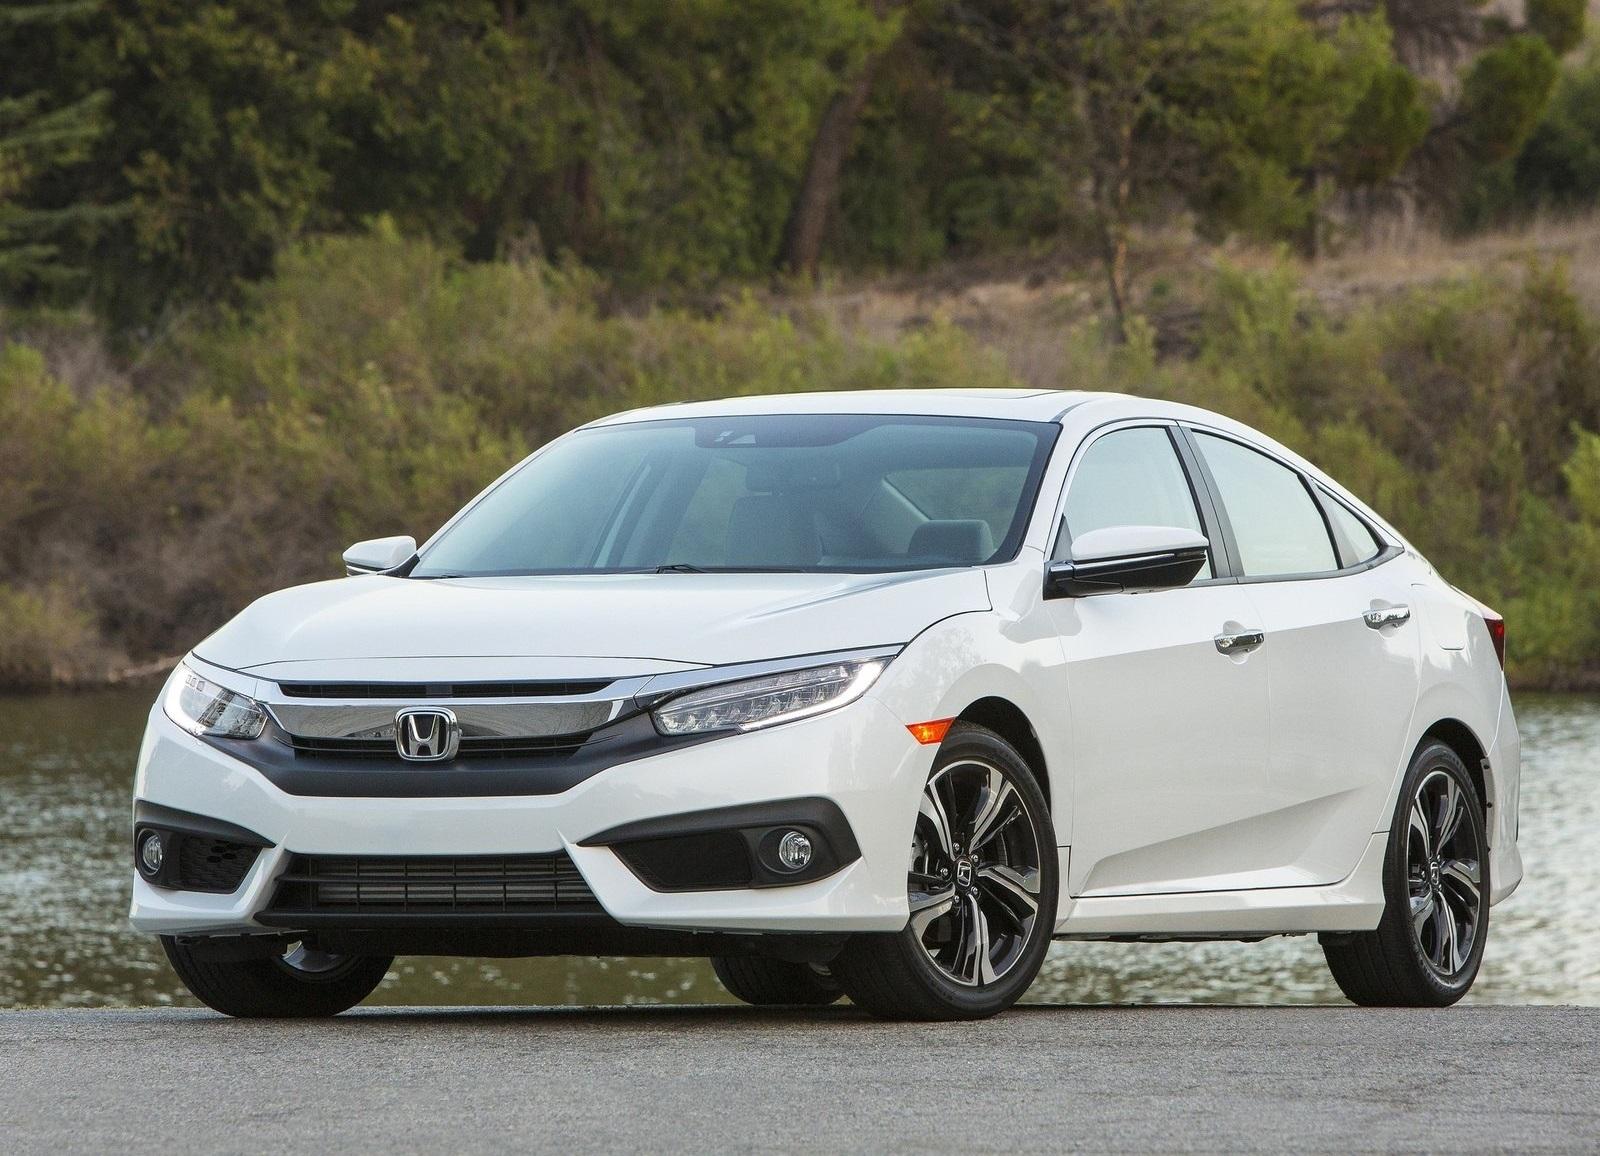 Honda Civic 2018 Precios Y Versiones En Mexico Autos Y Moda Mexico